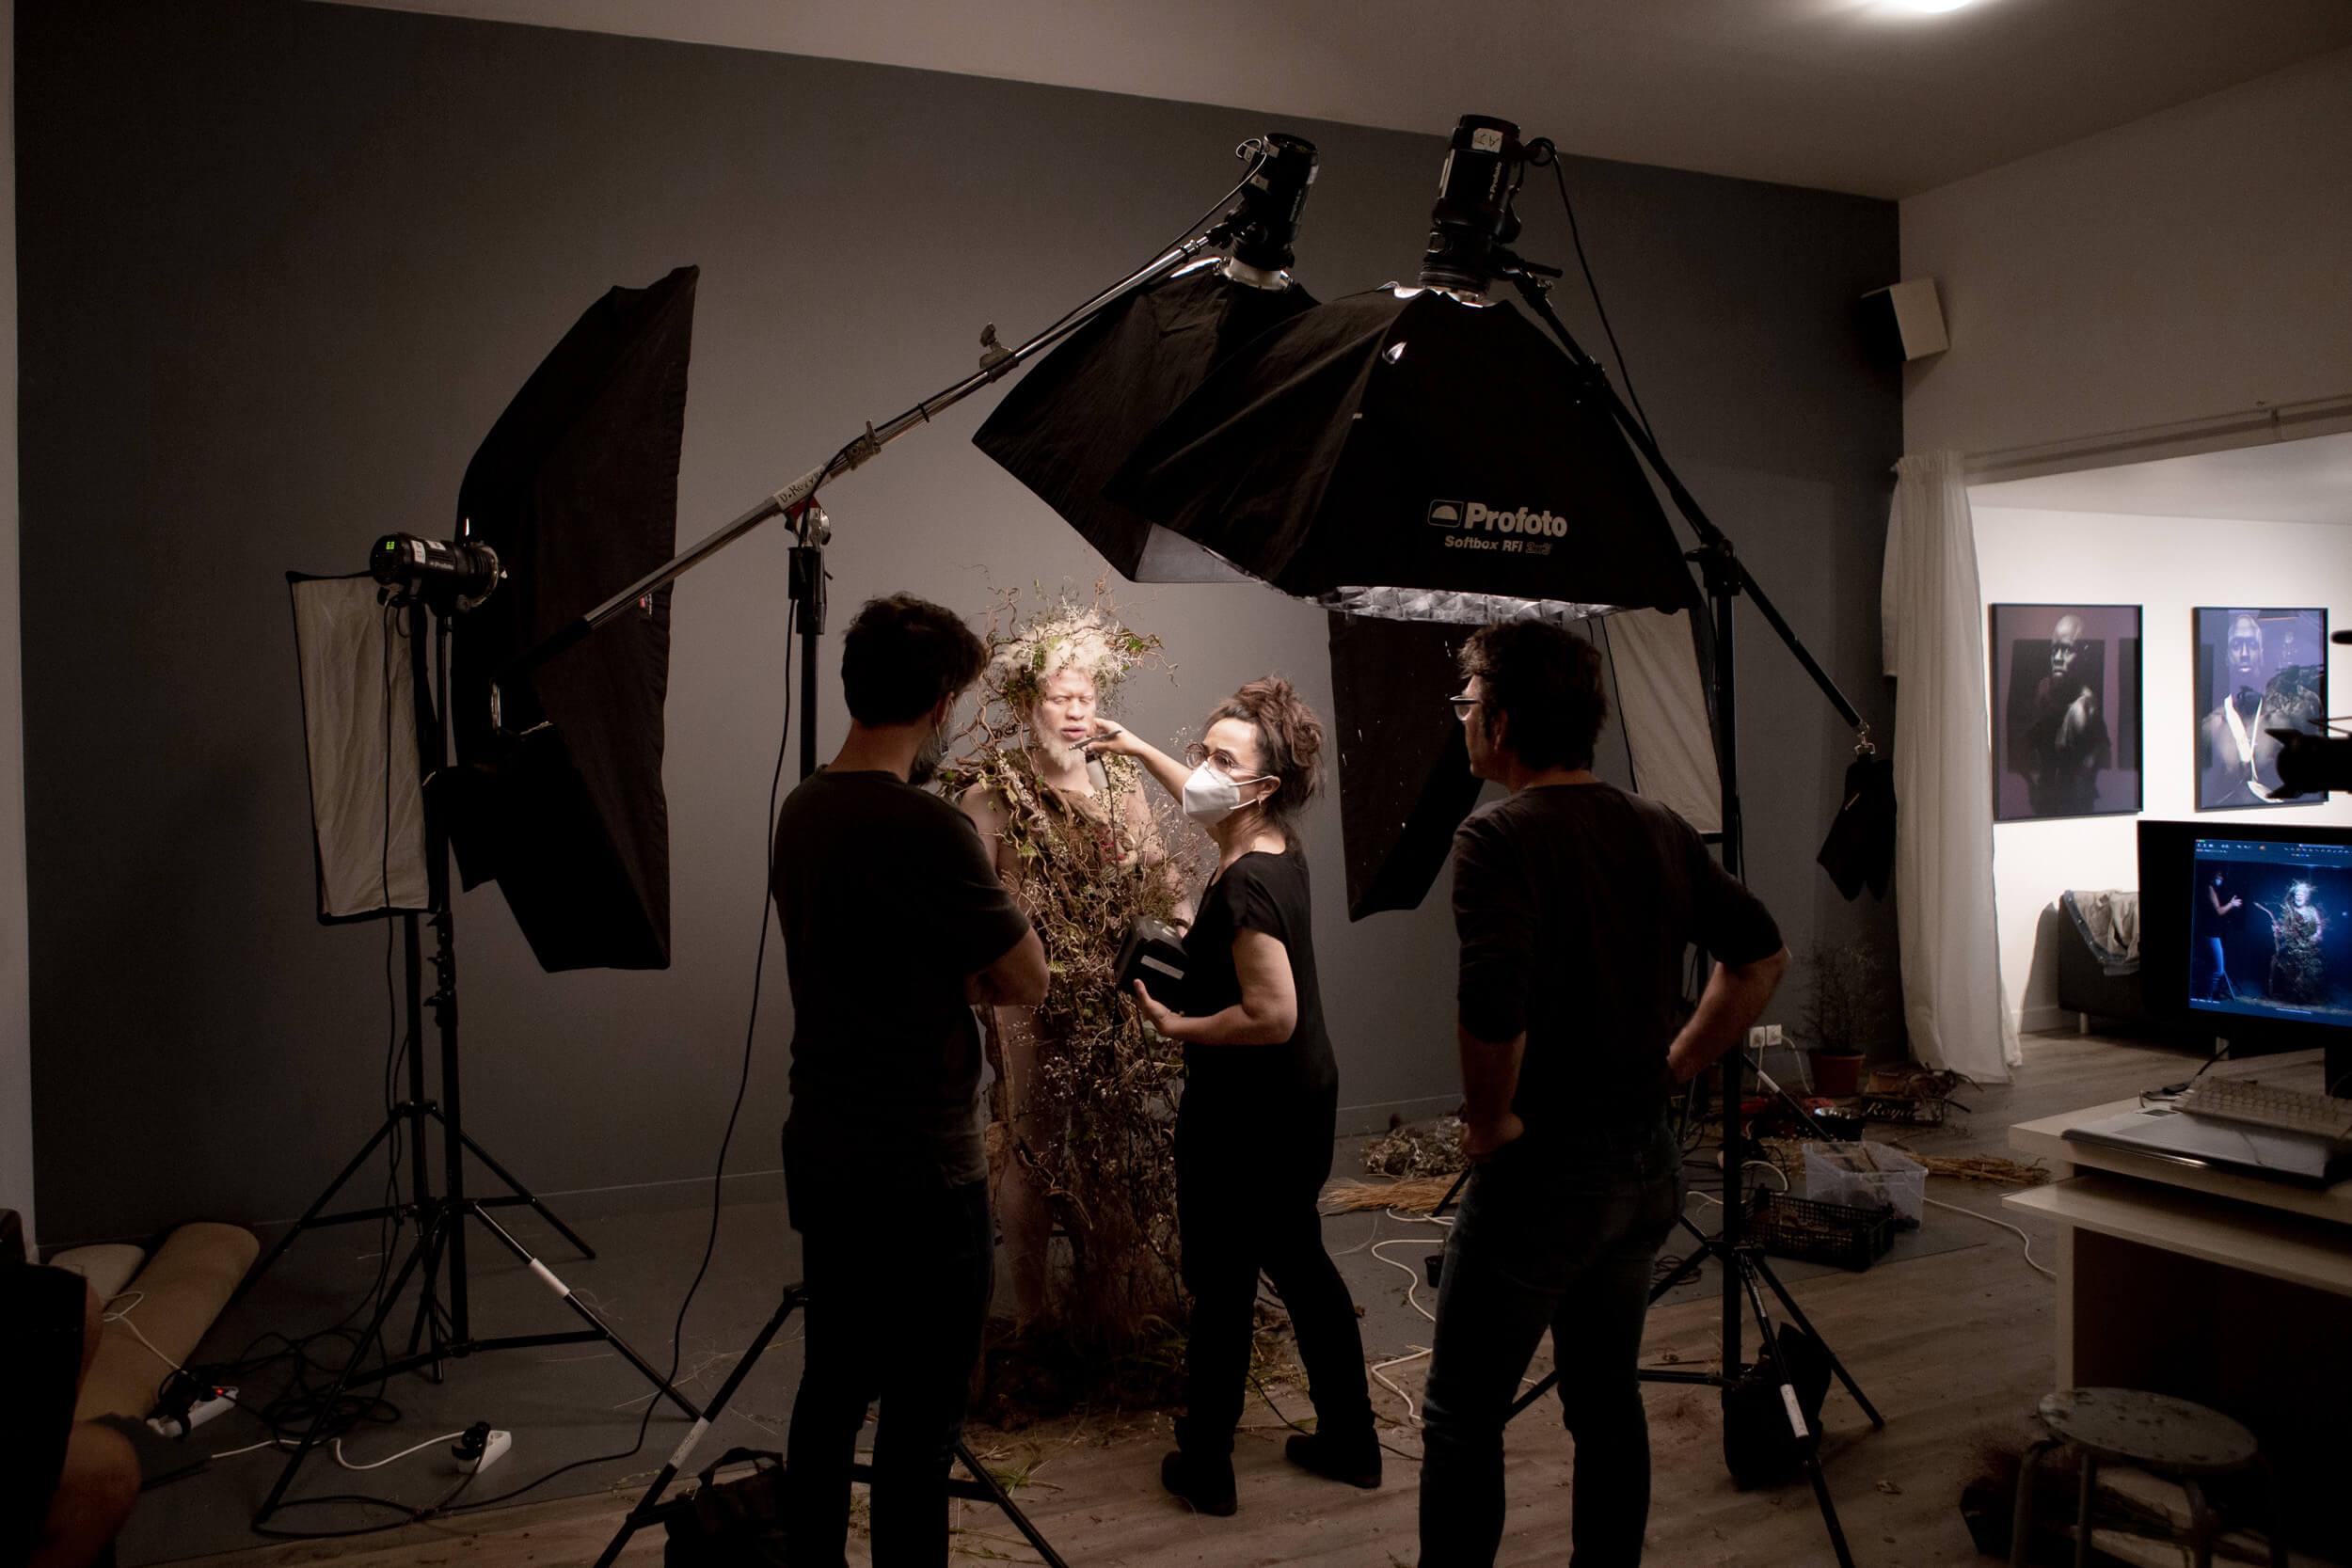 Costruzione del set fotografico per il mese di Gennaio